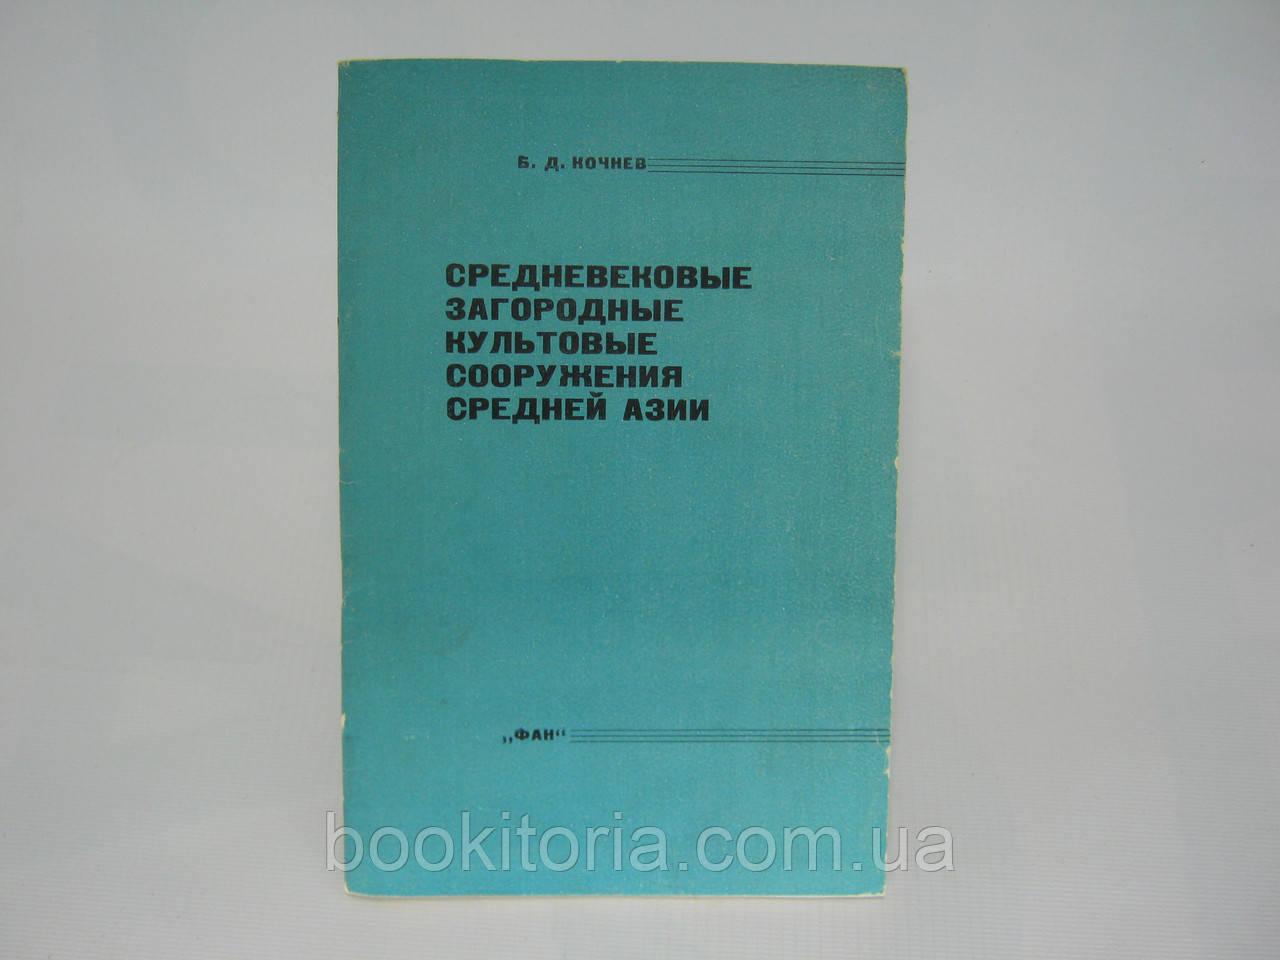 Кочнев Б.Д. Средневековые загородные культовые сооружения Средней Азии (б/у).